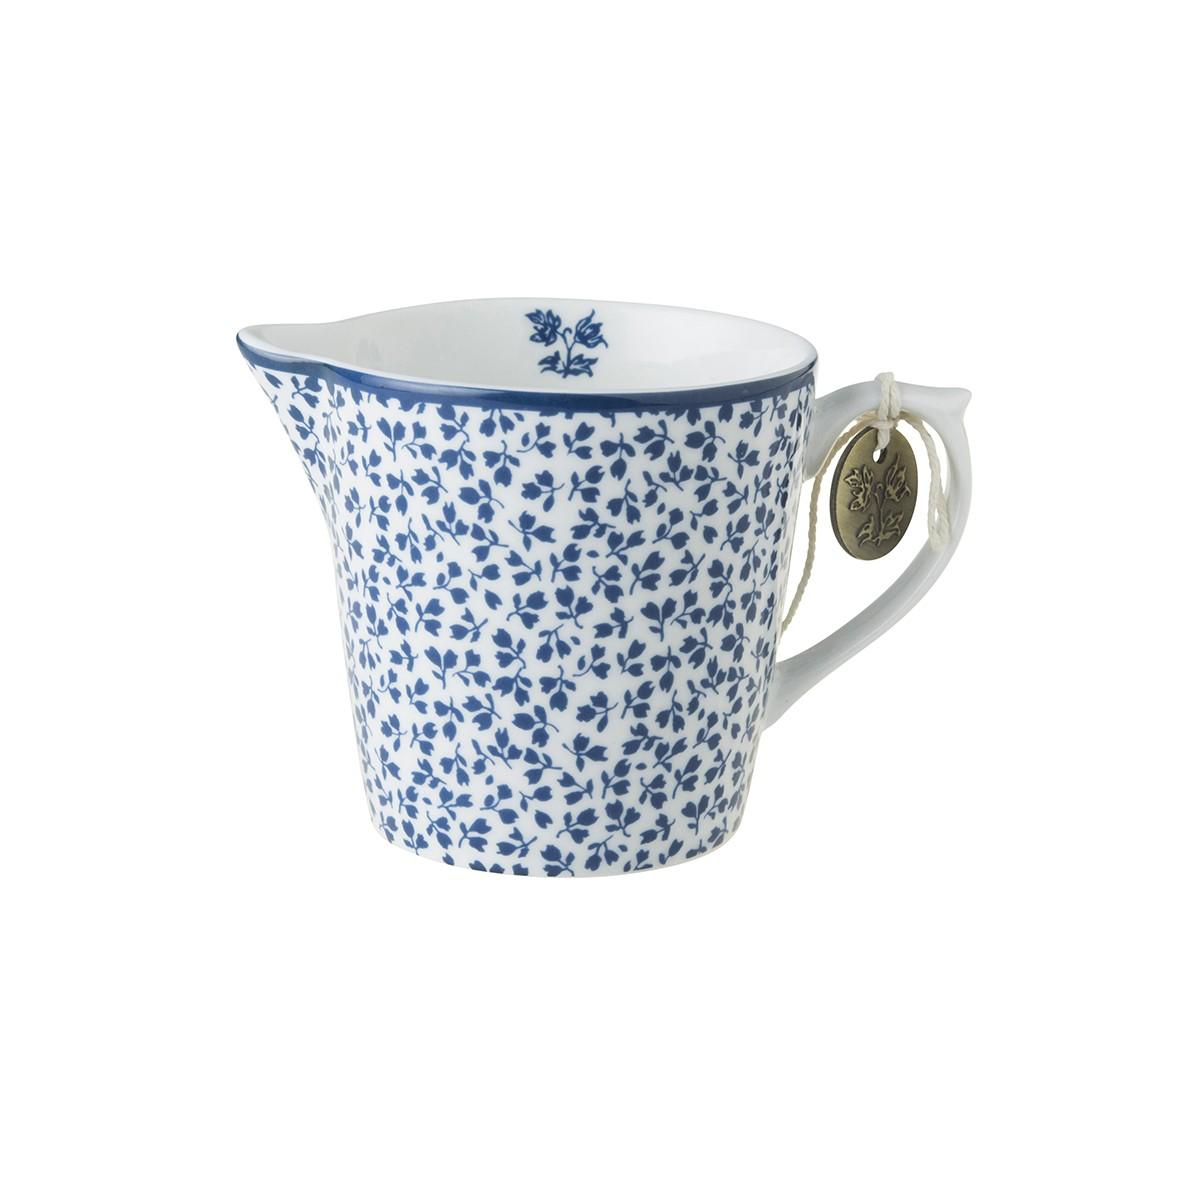 Γαλατιέρα Laura Ashley Floris Blue print New Bone China home   ειδη cafe τσαϊ   γαλατιέρες   ζαχαριέρες